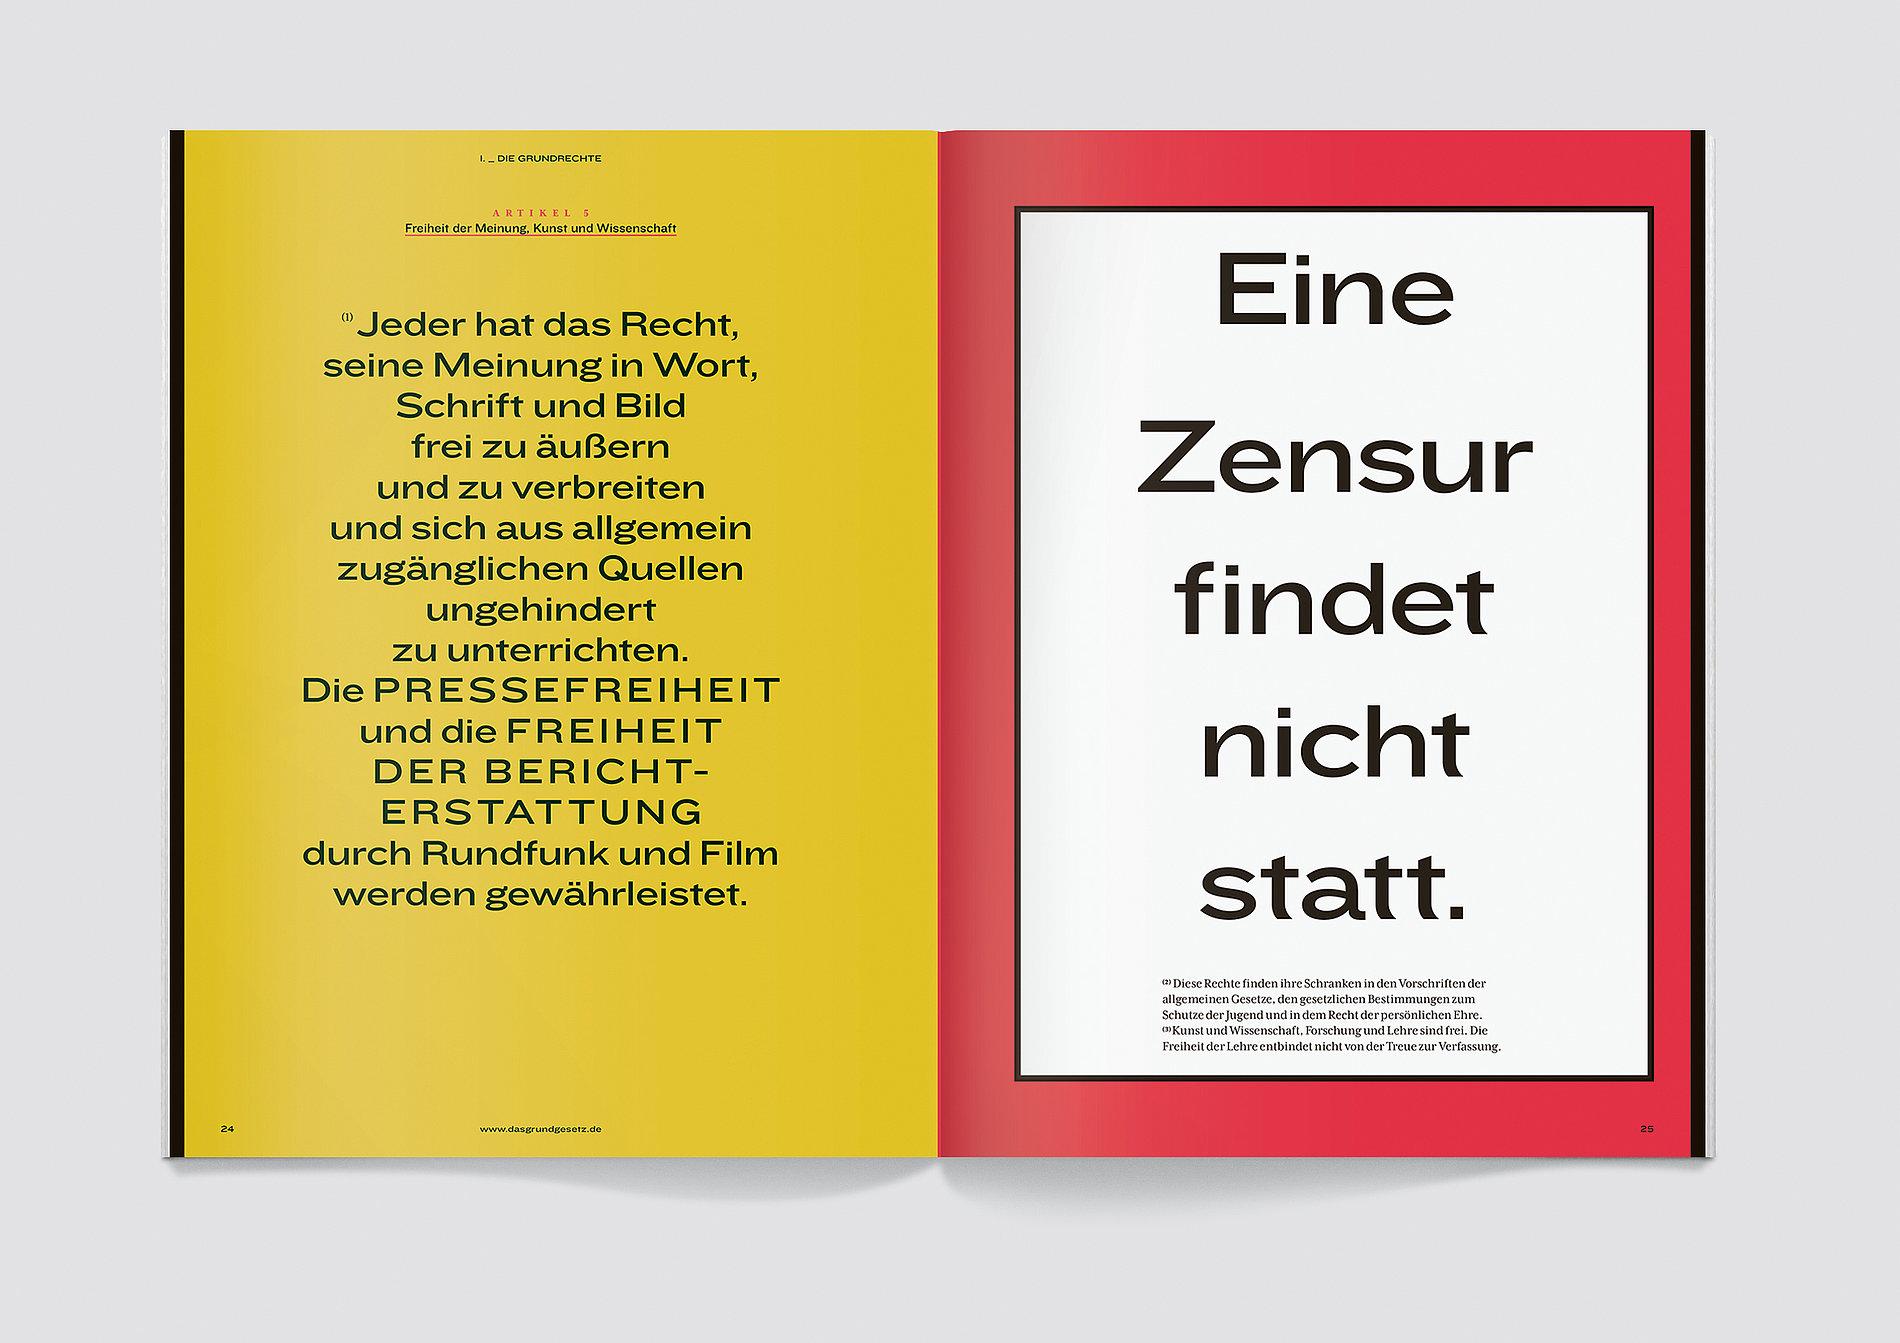 Das Grundgesetz als Magazin | Red Dot Design Award